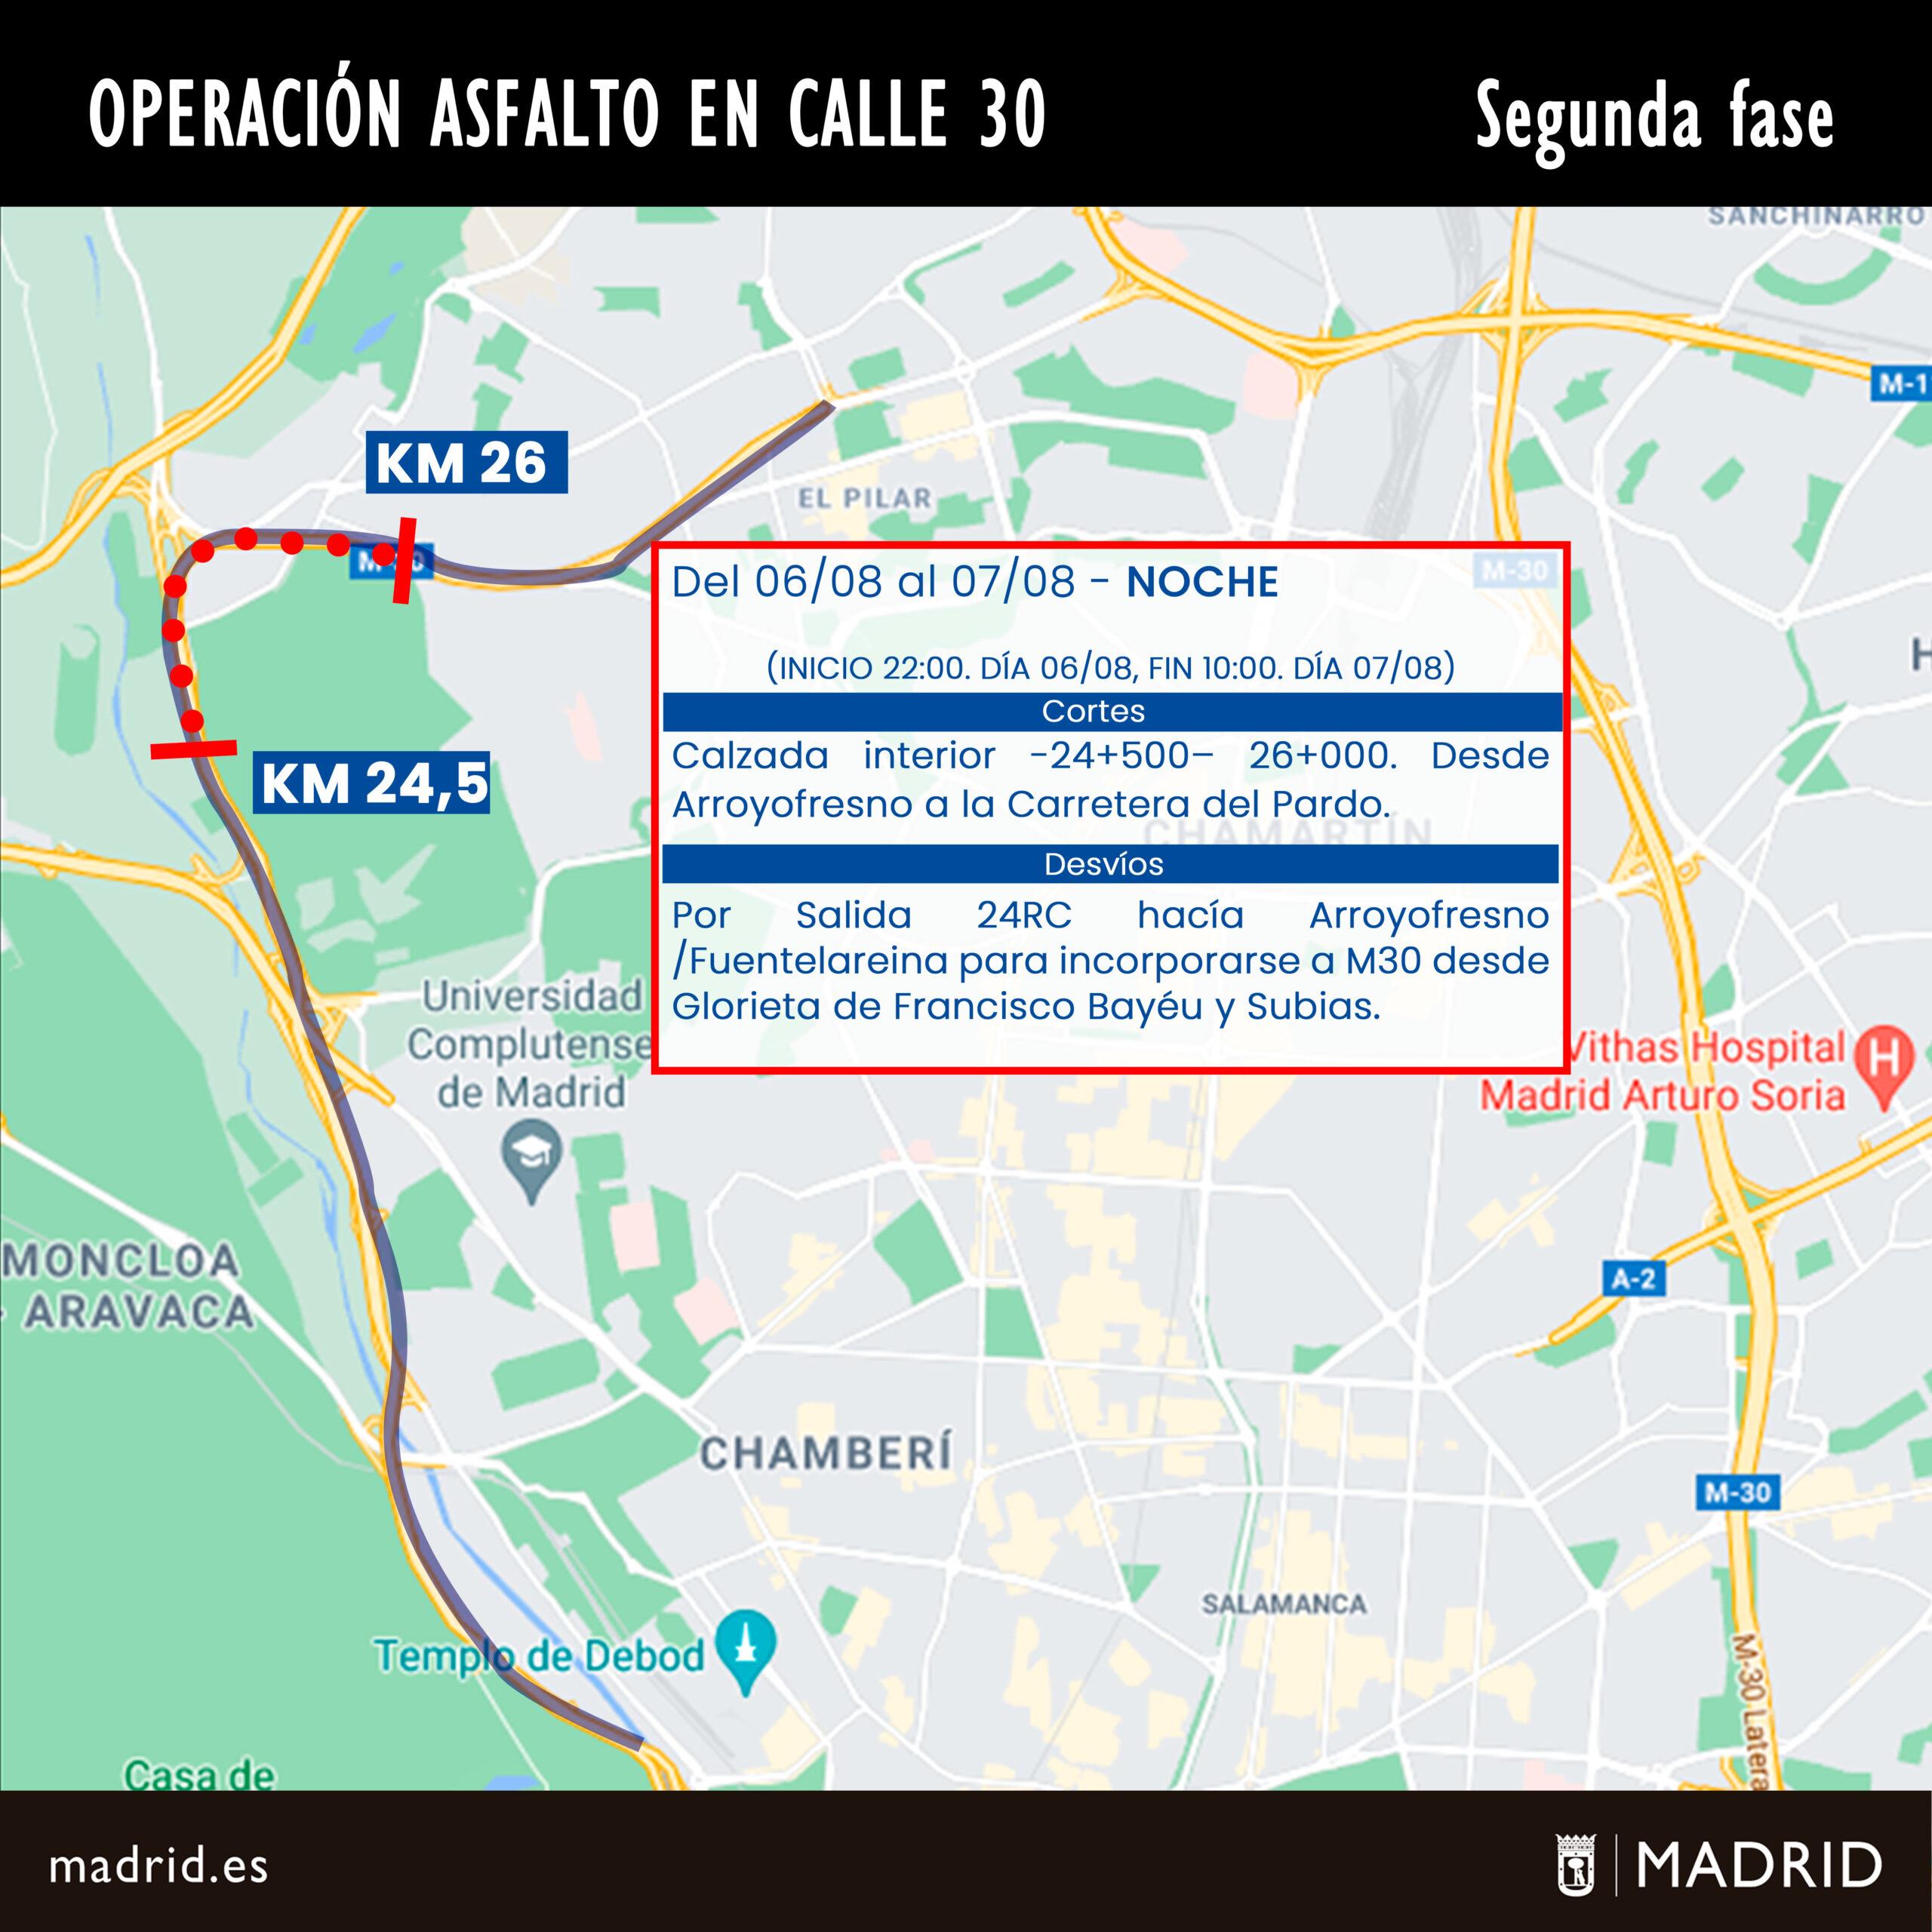 Segunda fase de la Operación Asfalto en Calle 30